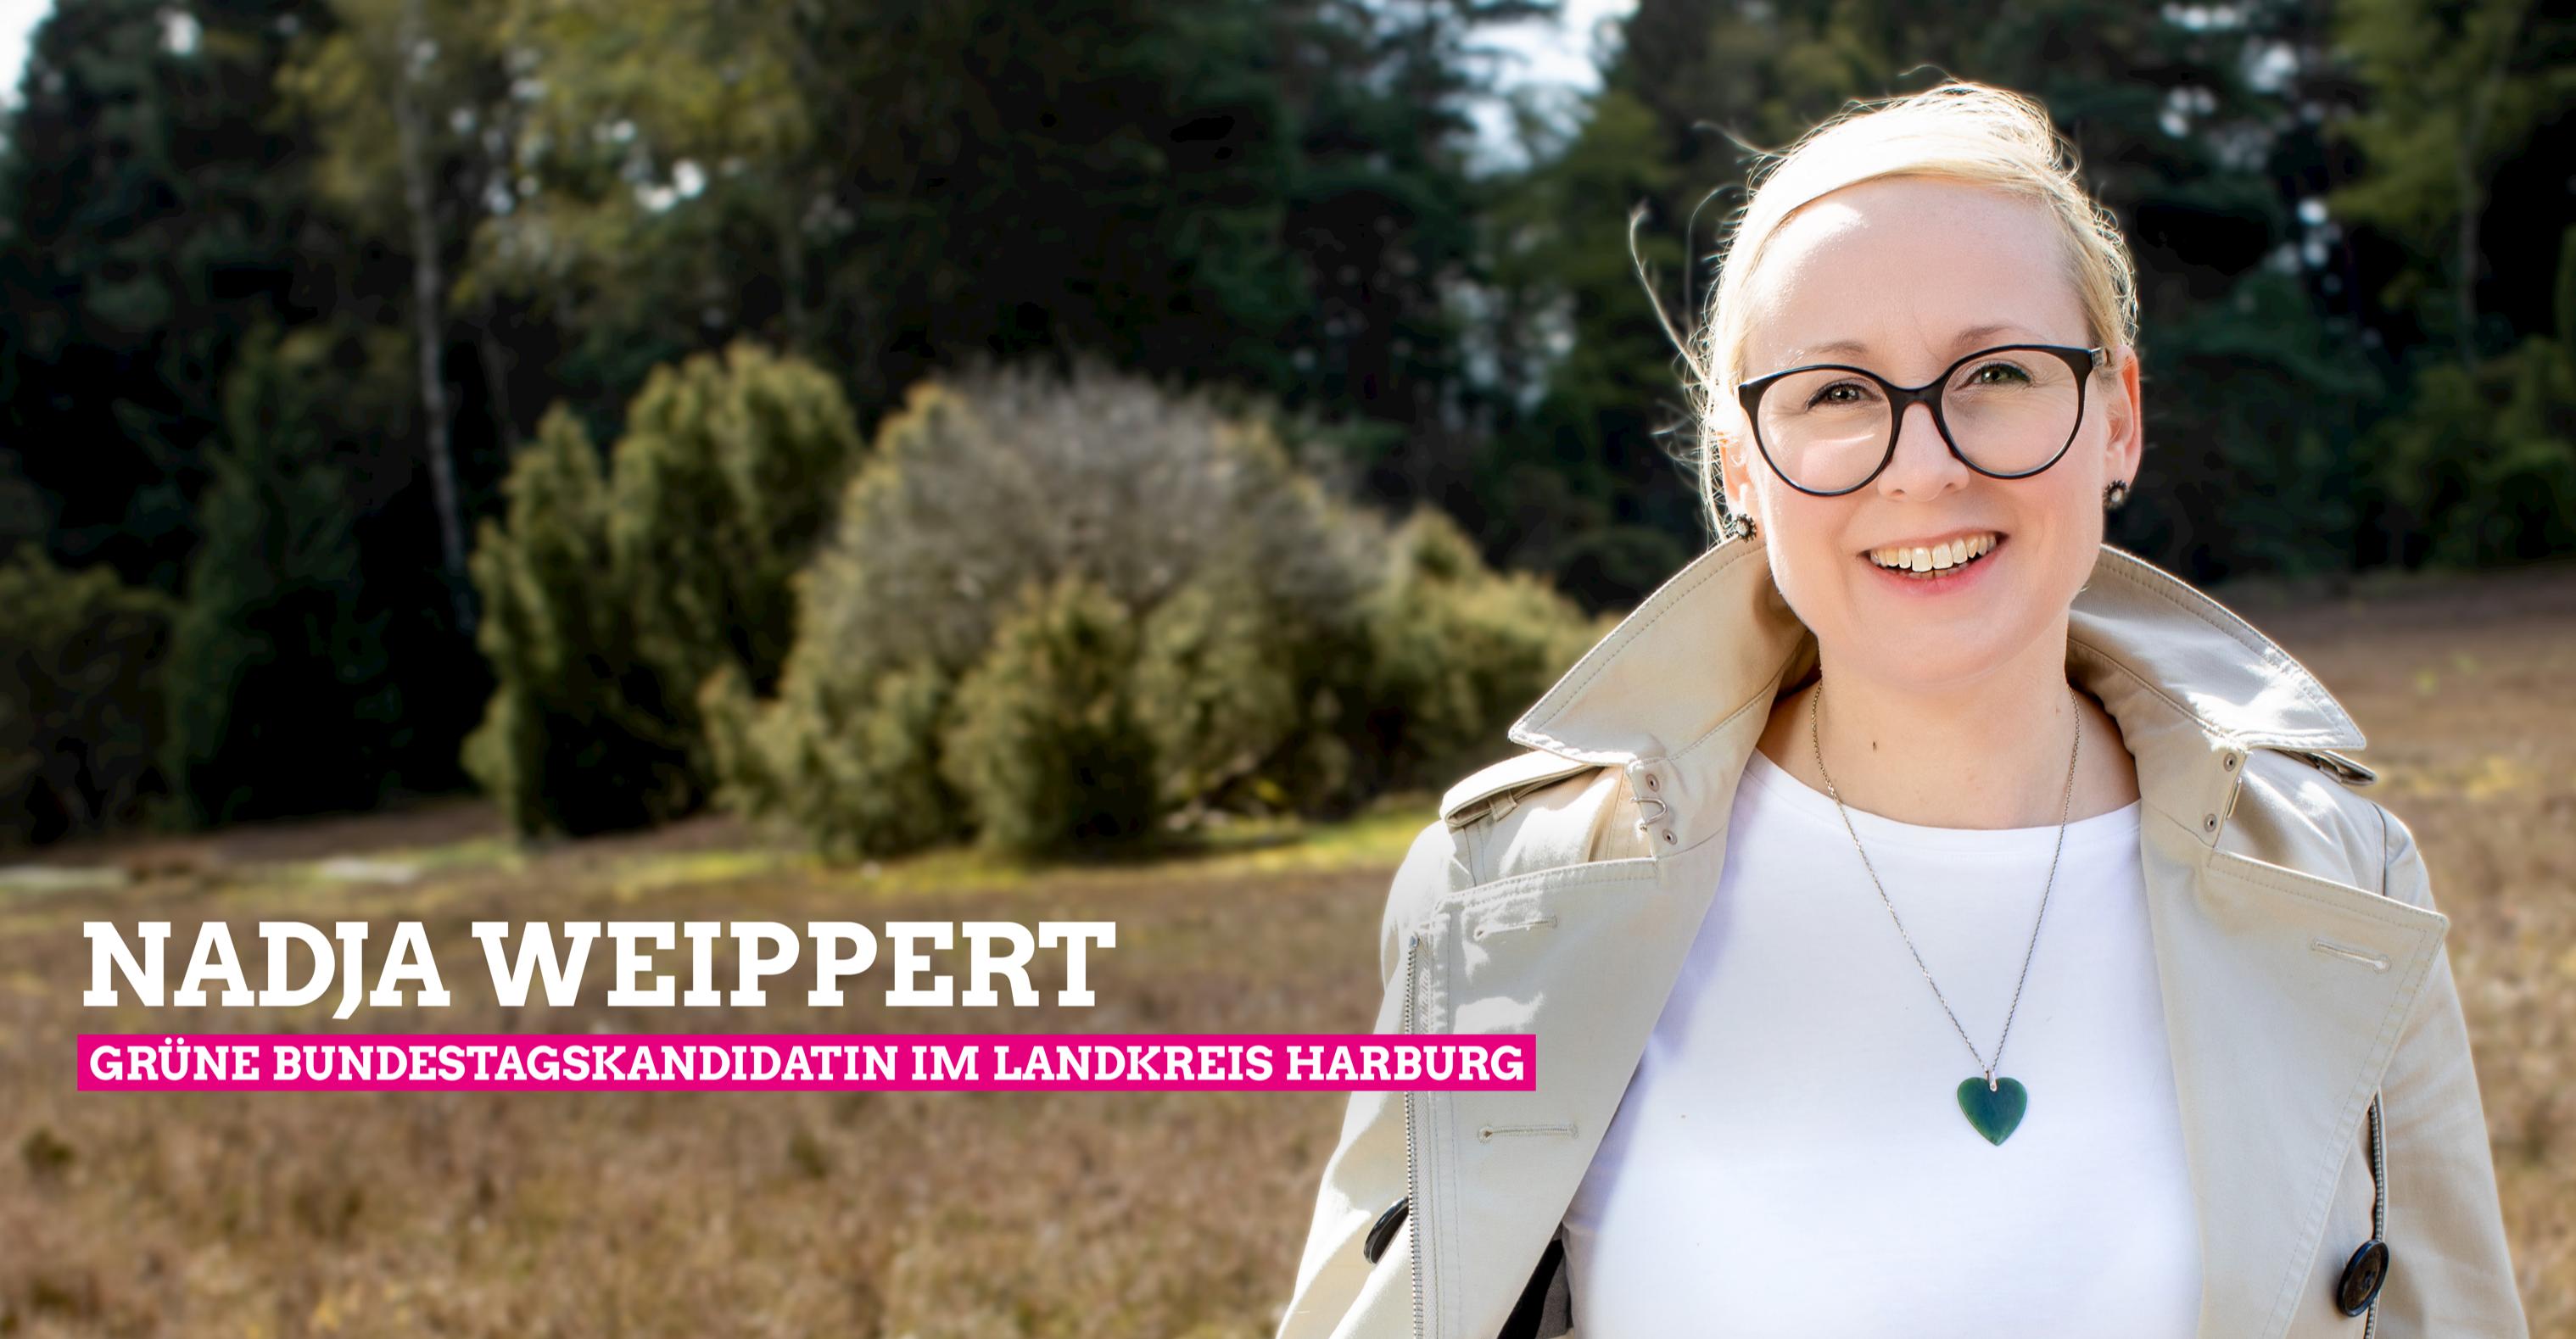 Nadja Weippert: GRÜNE Direktkandidatin für die Bundestagswahl im Landkreis Harburg